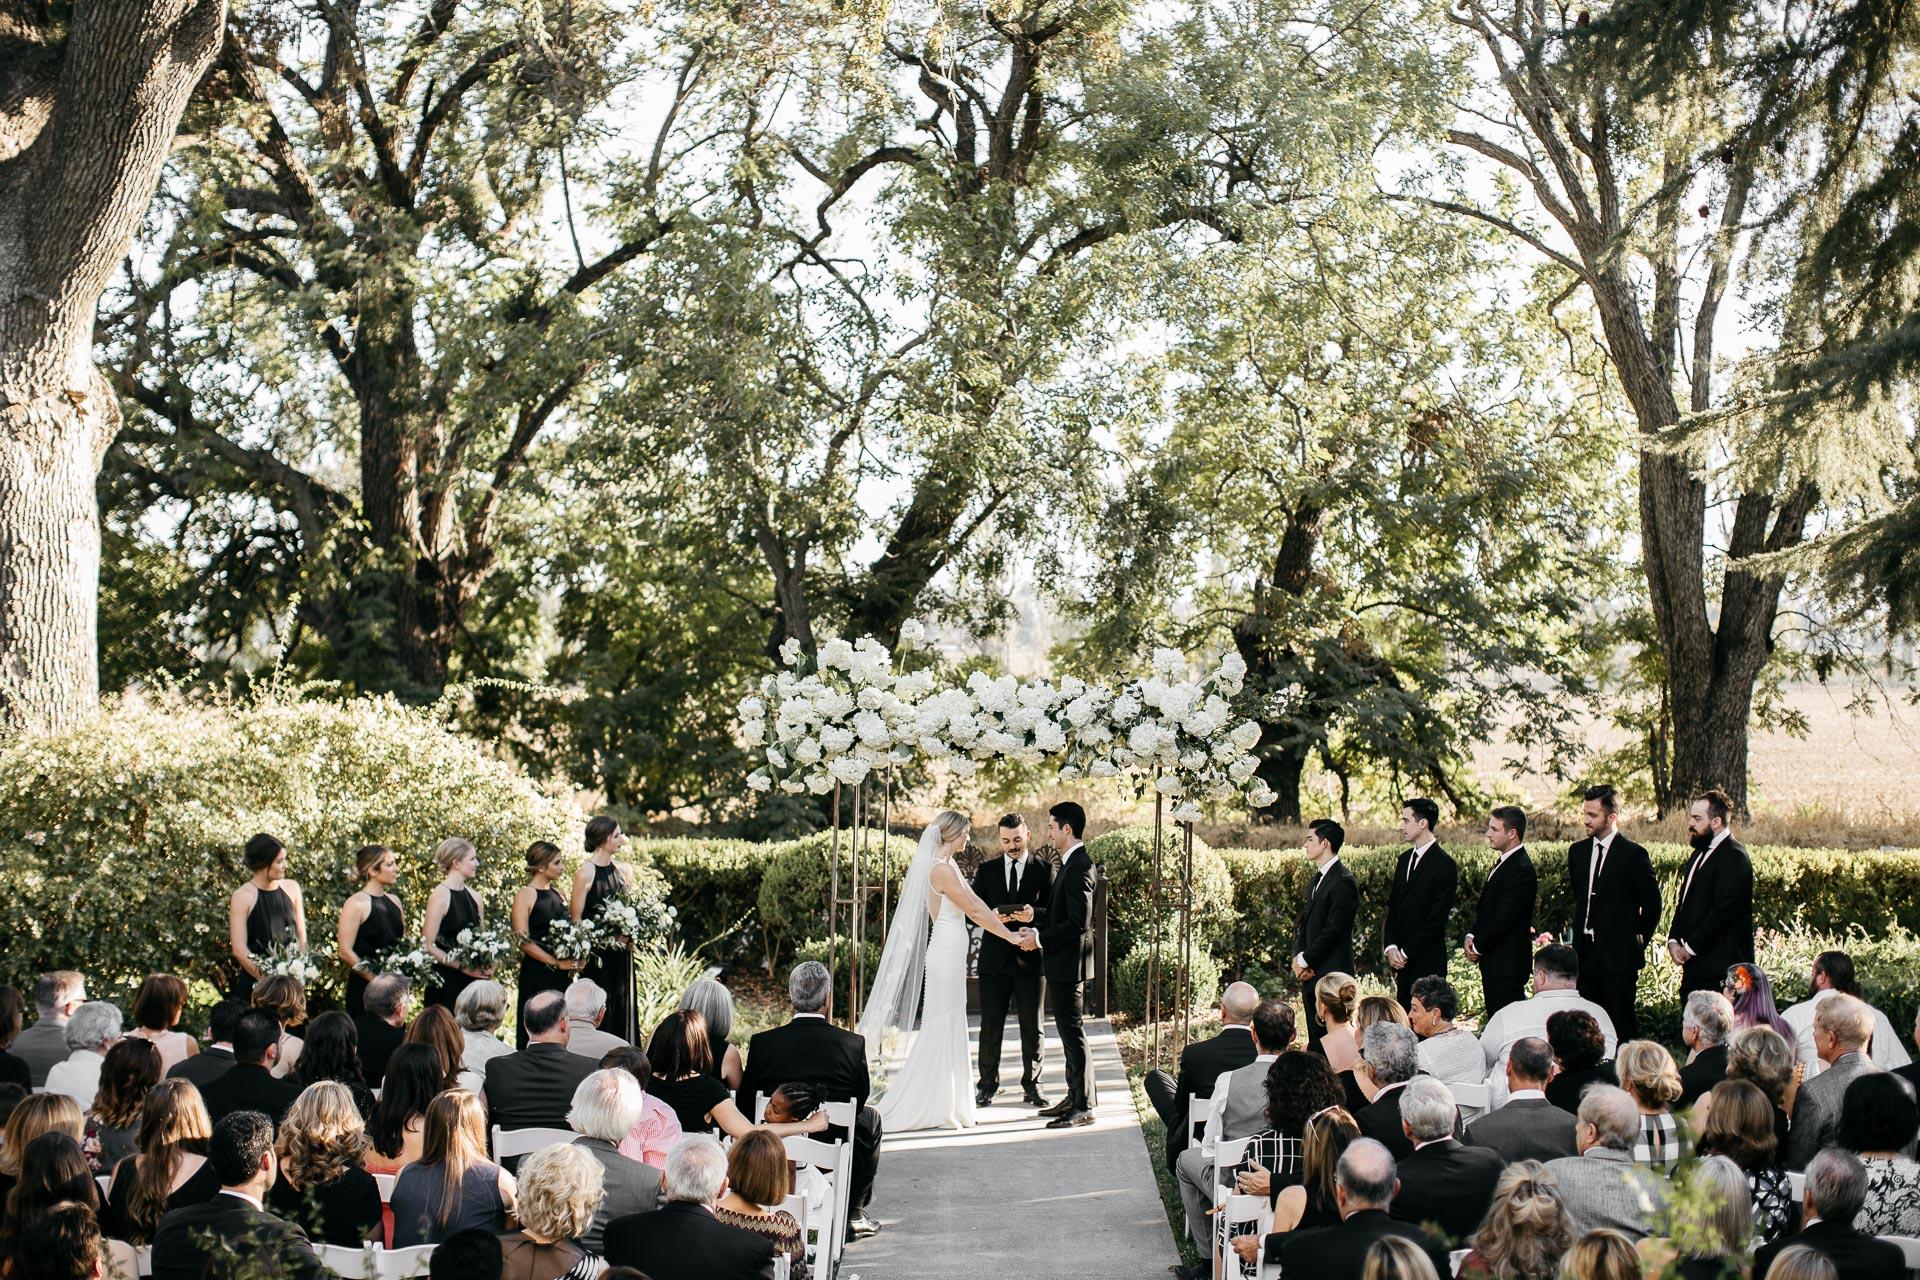 lauren_graham_wedding_california_park_winters_jeanlaurentgaudy_001-9